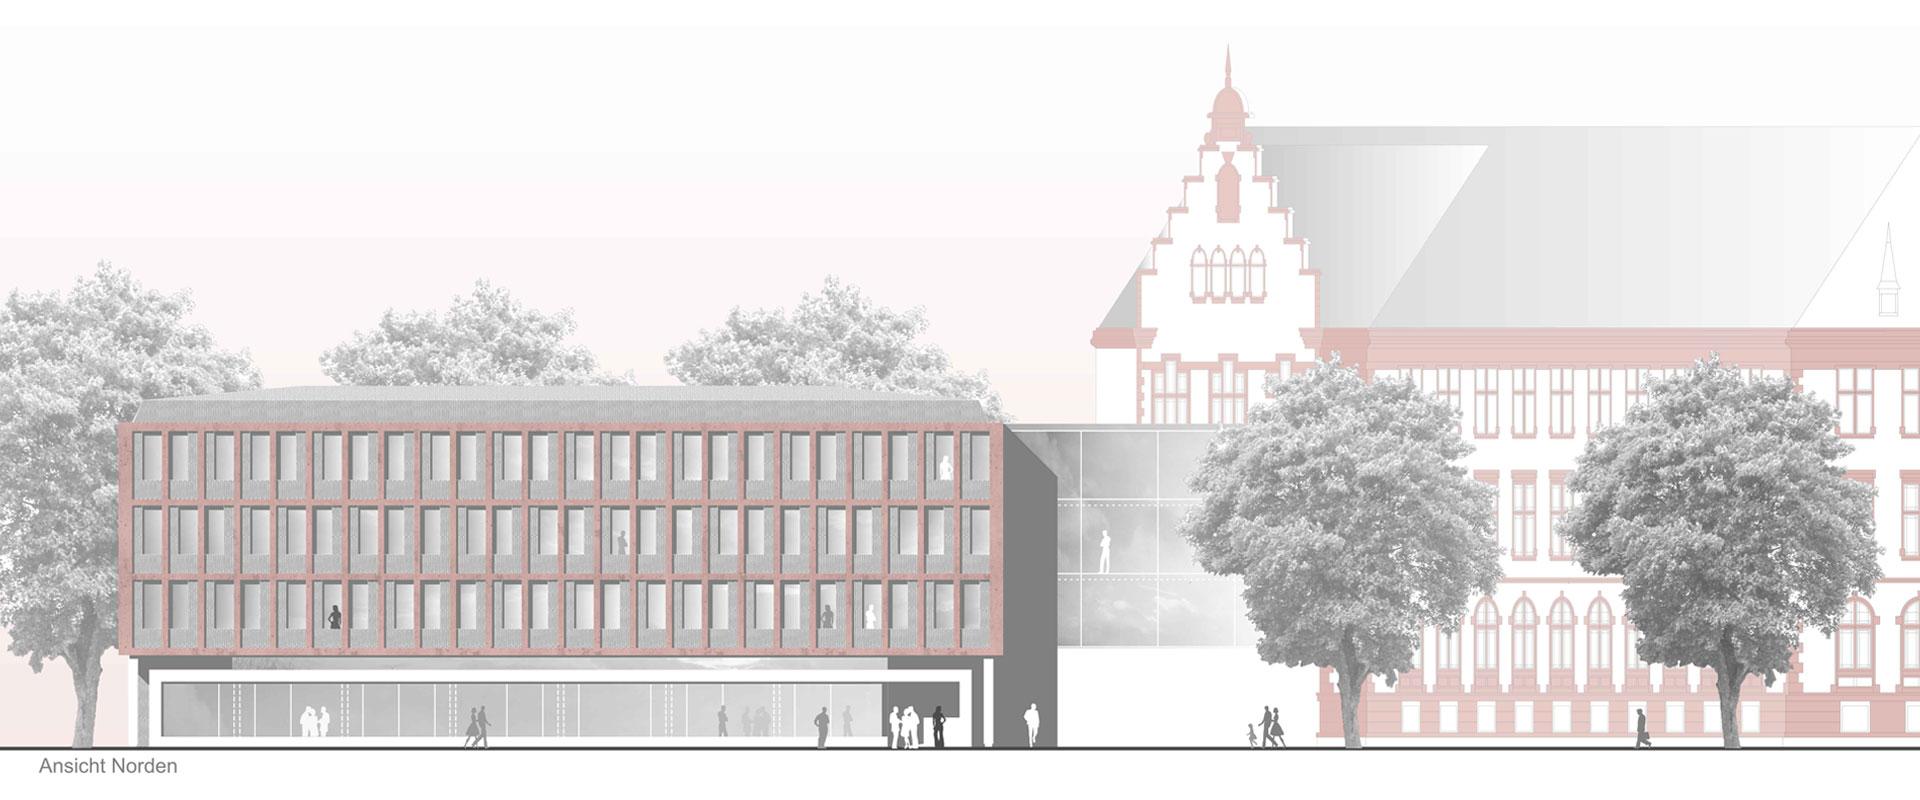 bathe+reber_architektur_wettbewerb_rathausfassade_hamm_03